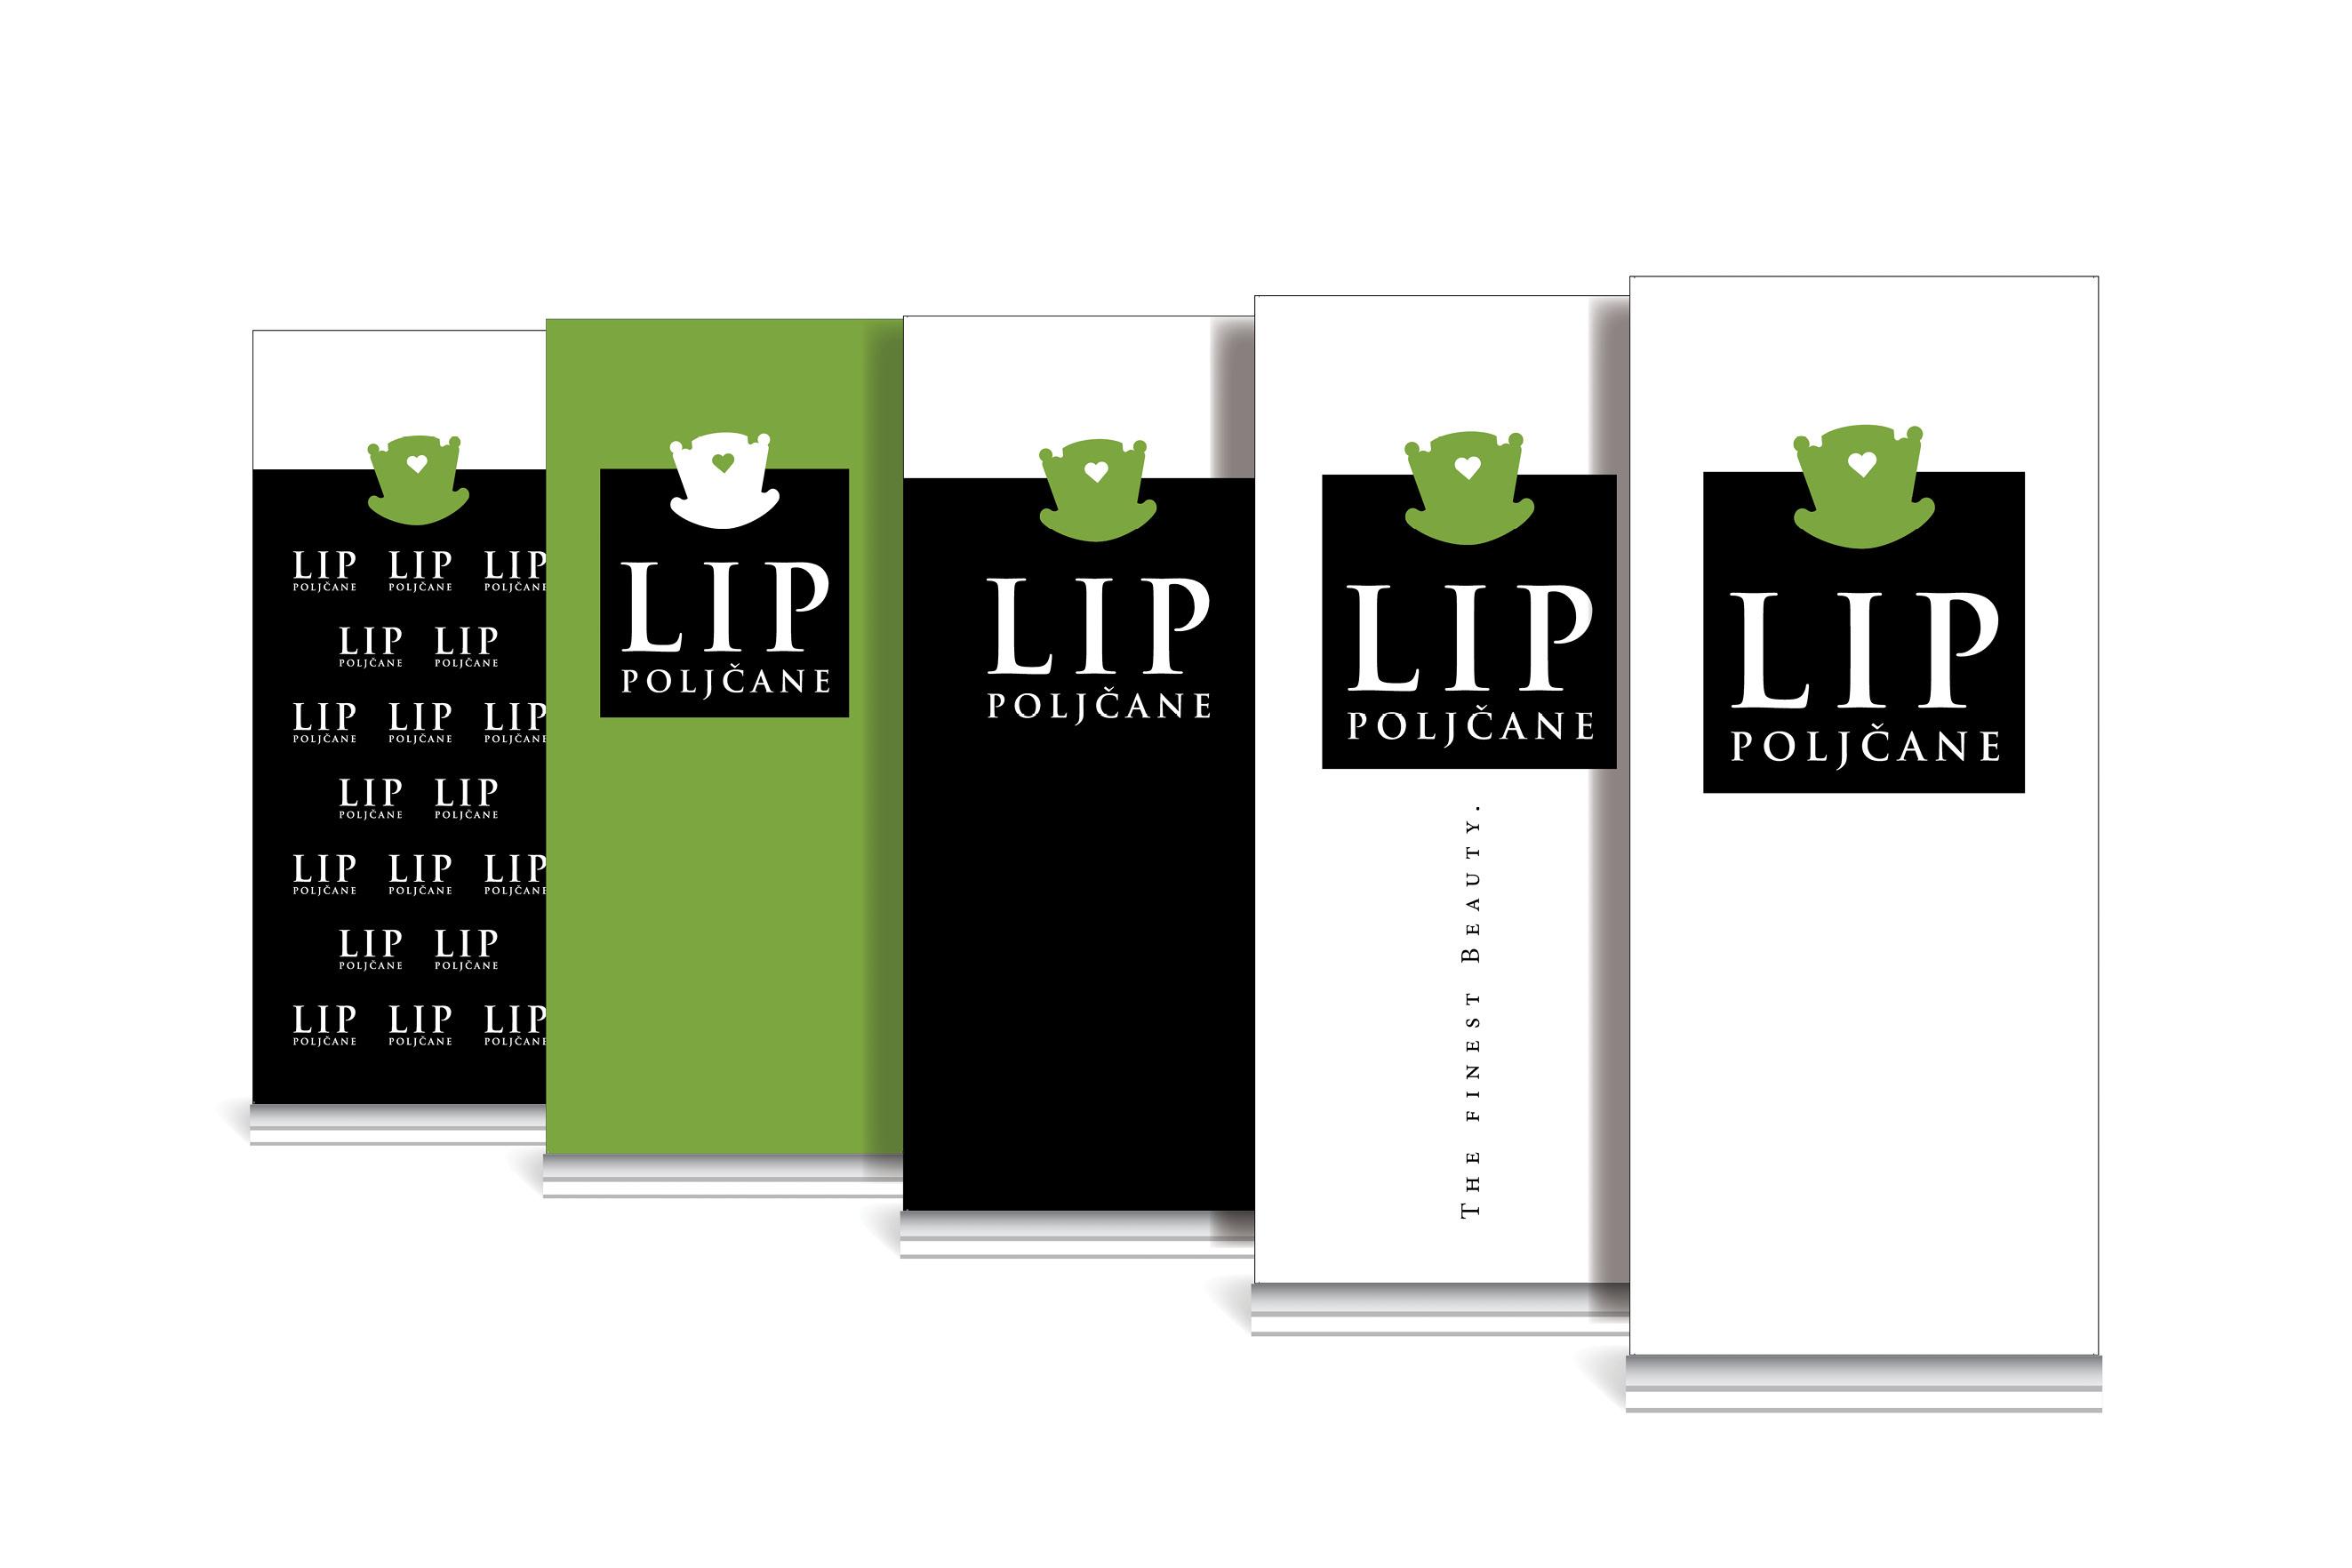 LIP_znak_CGP_8